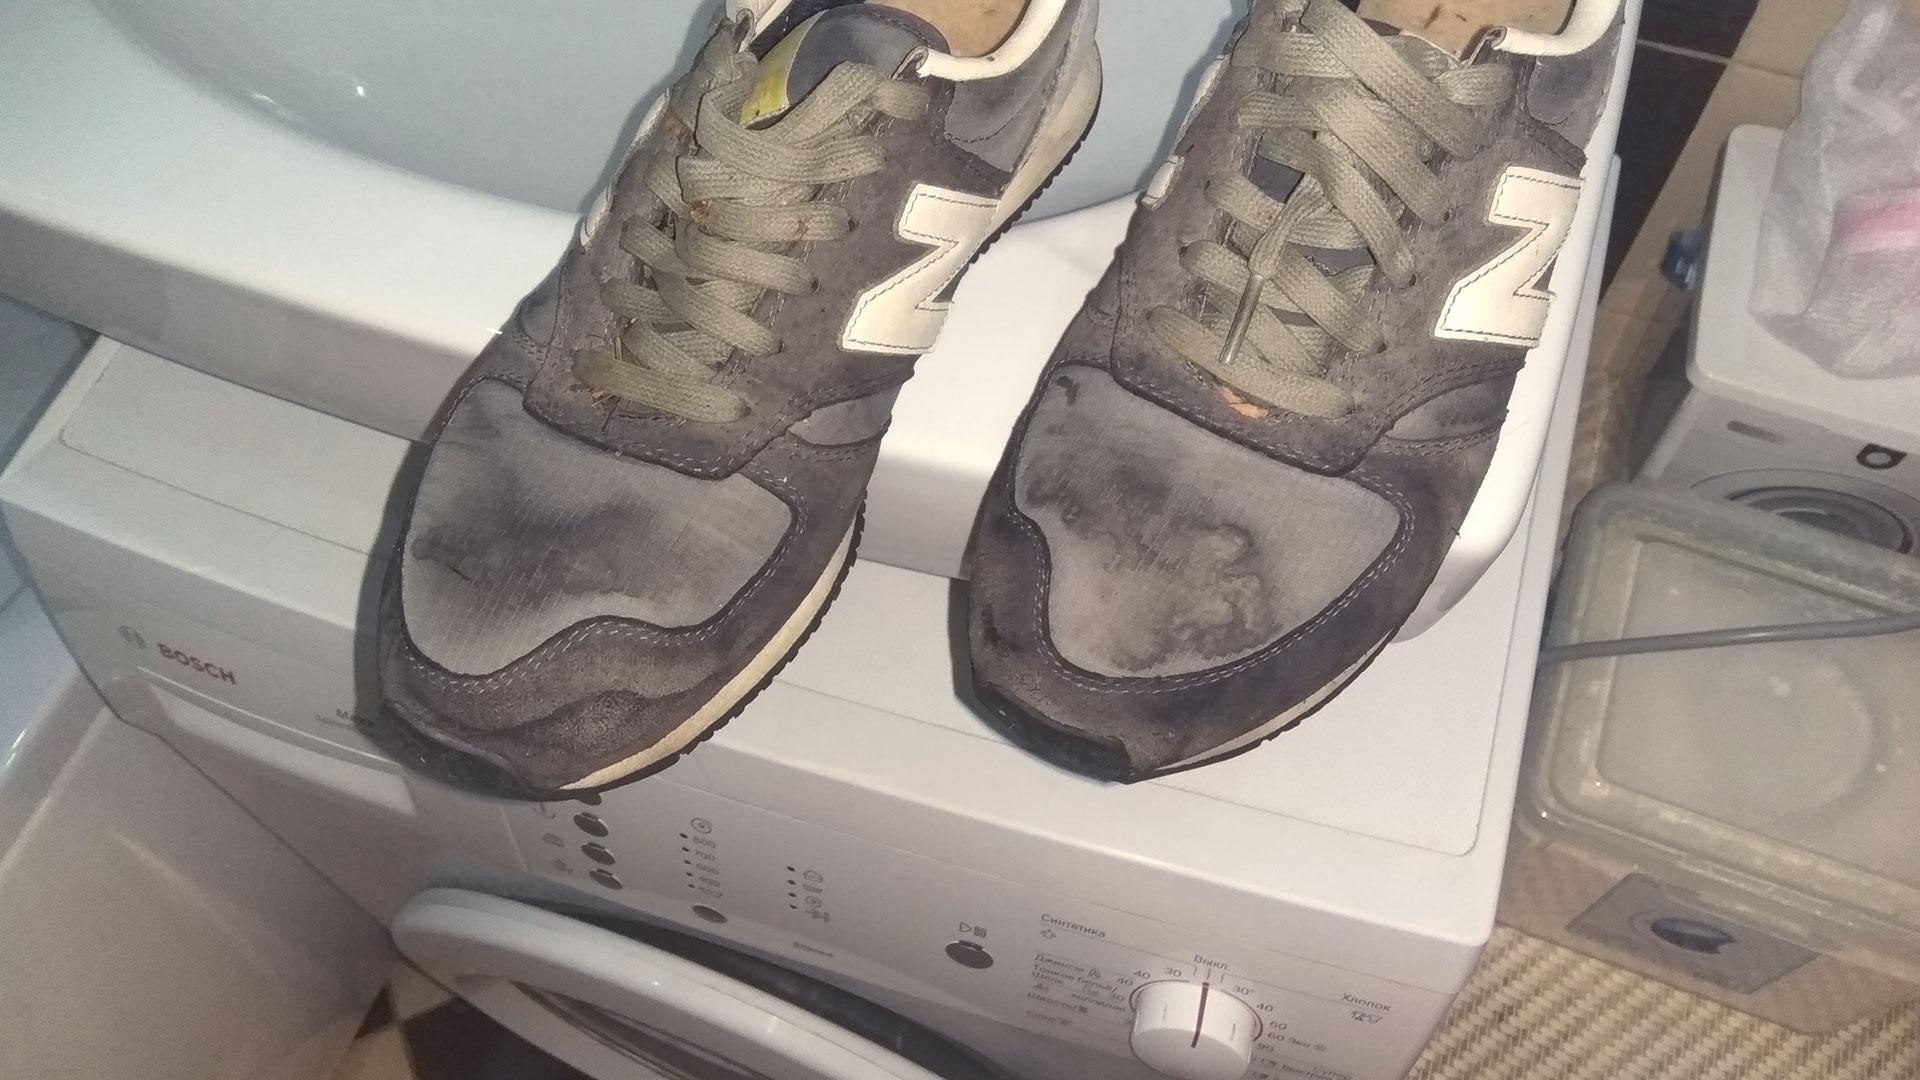 Как стирать кроссовки в стиральной машине-автомат